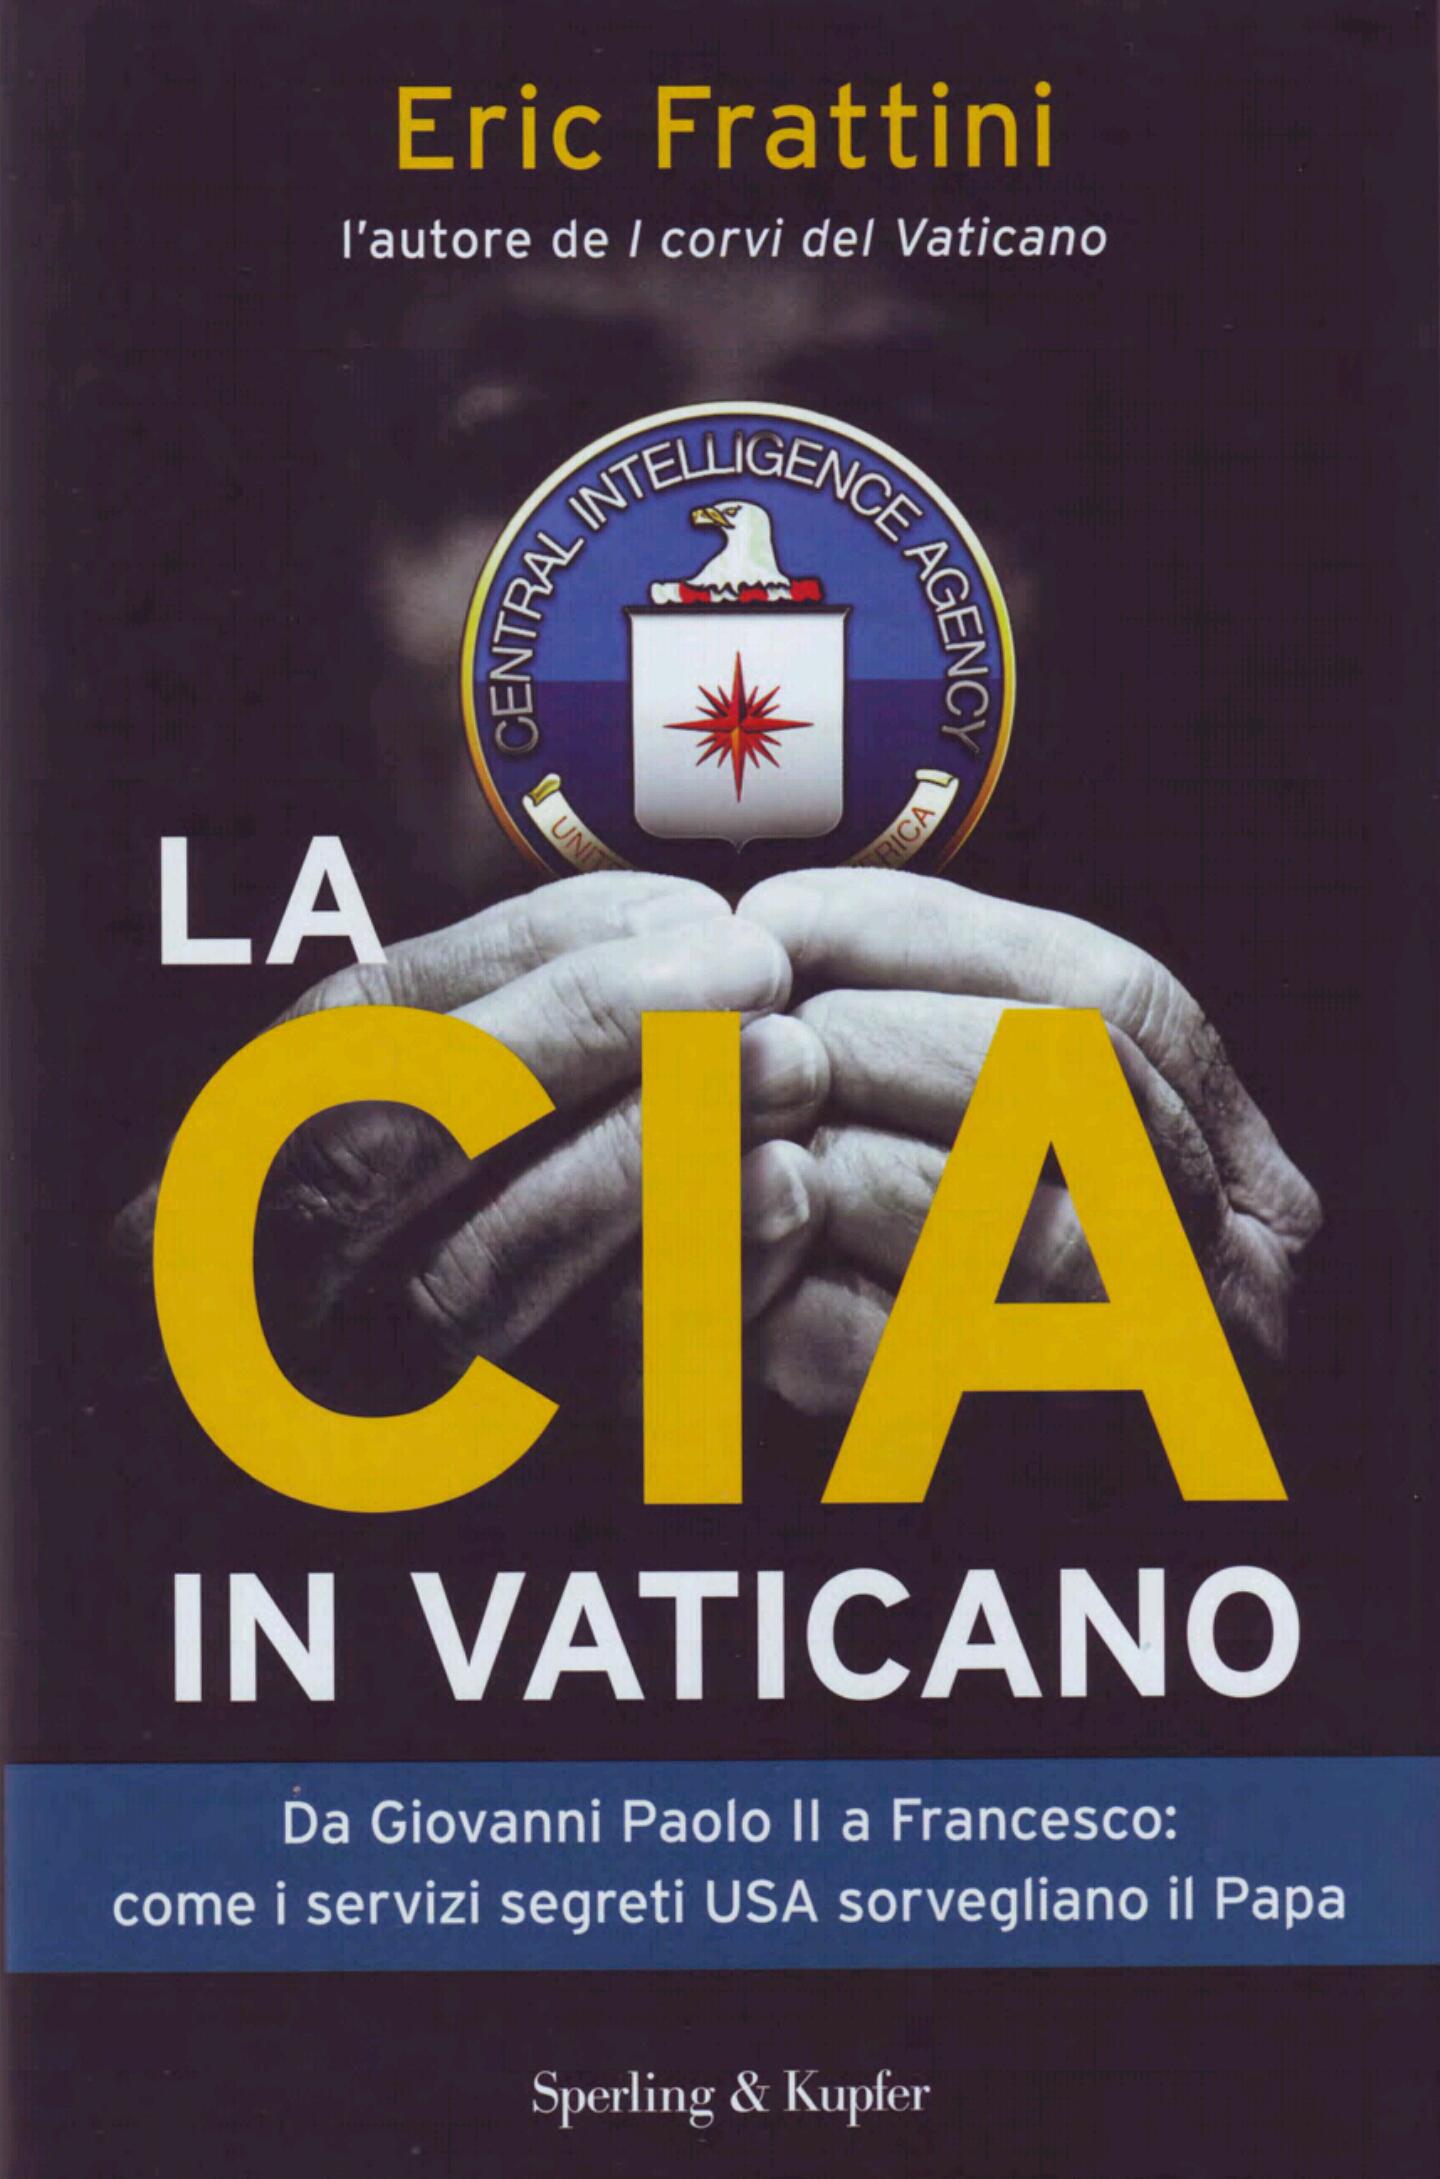 وكالة الاستخبارات الأمريكية وحاضرة الفاتيكان/بقلم:عزالدين عناية